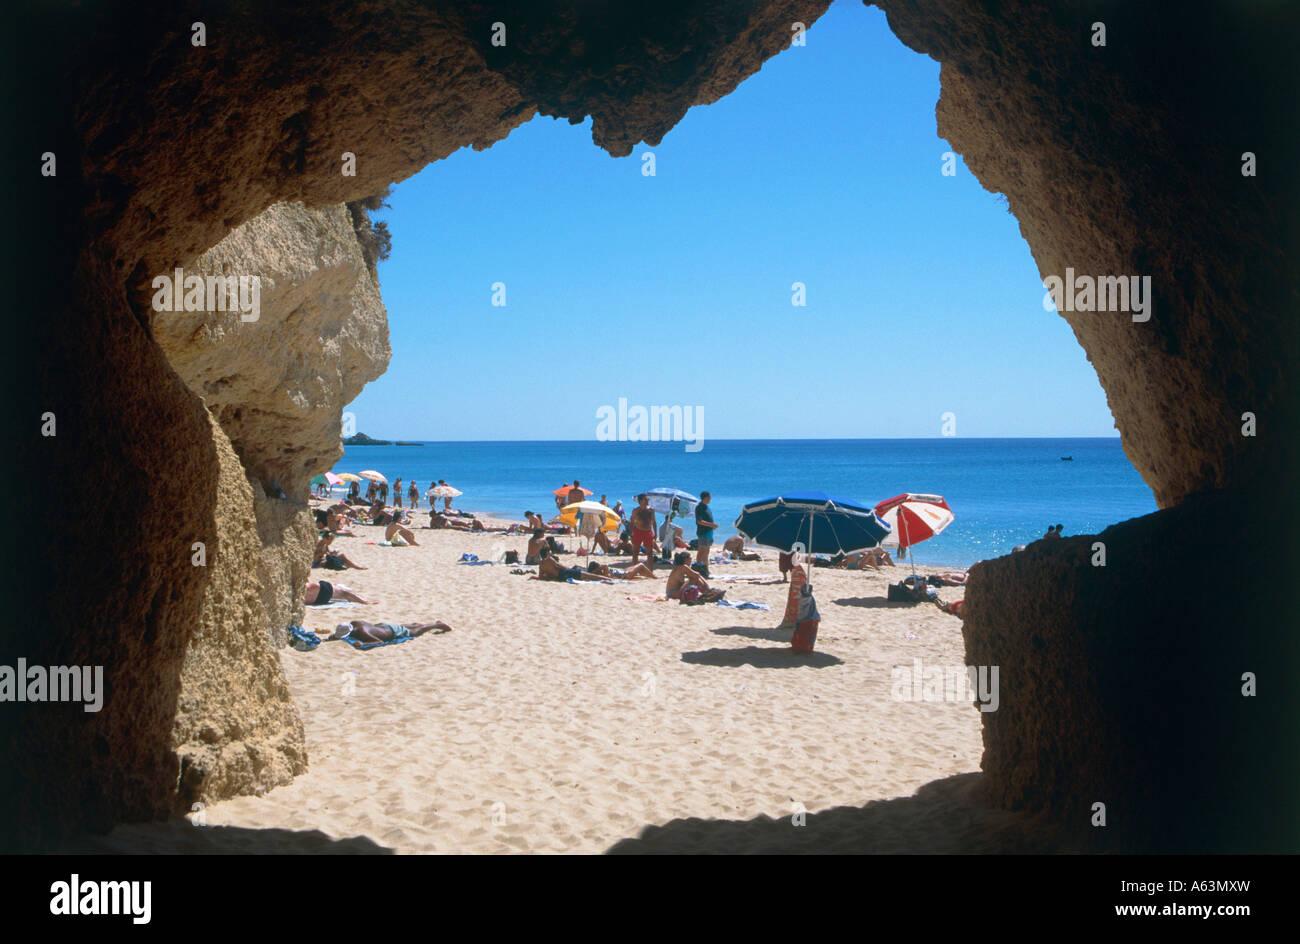 Strand-Szene in der Nähe von Resort Albufeira Region der Algarve portugal Stockbild